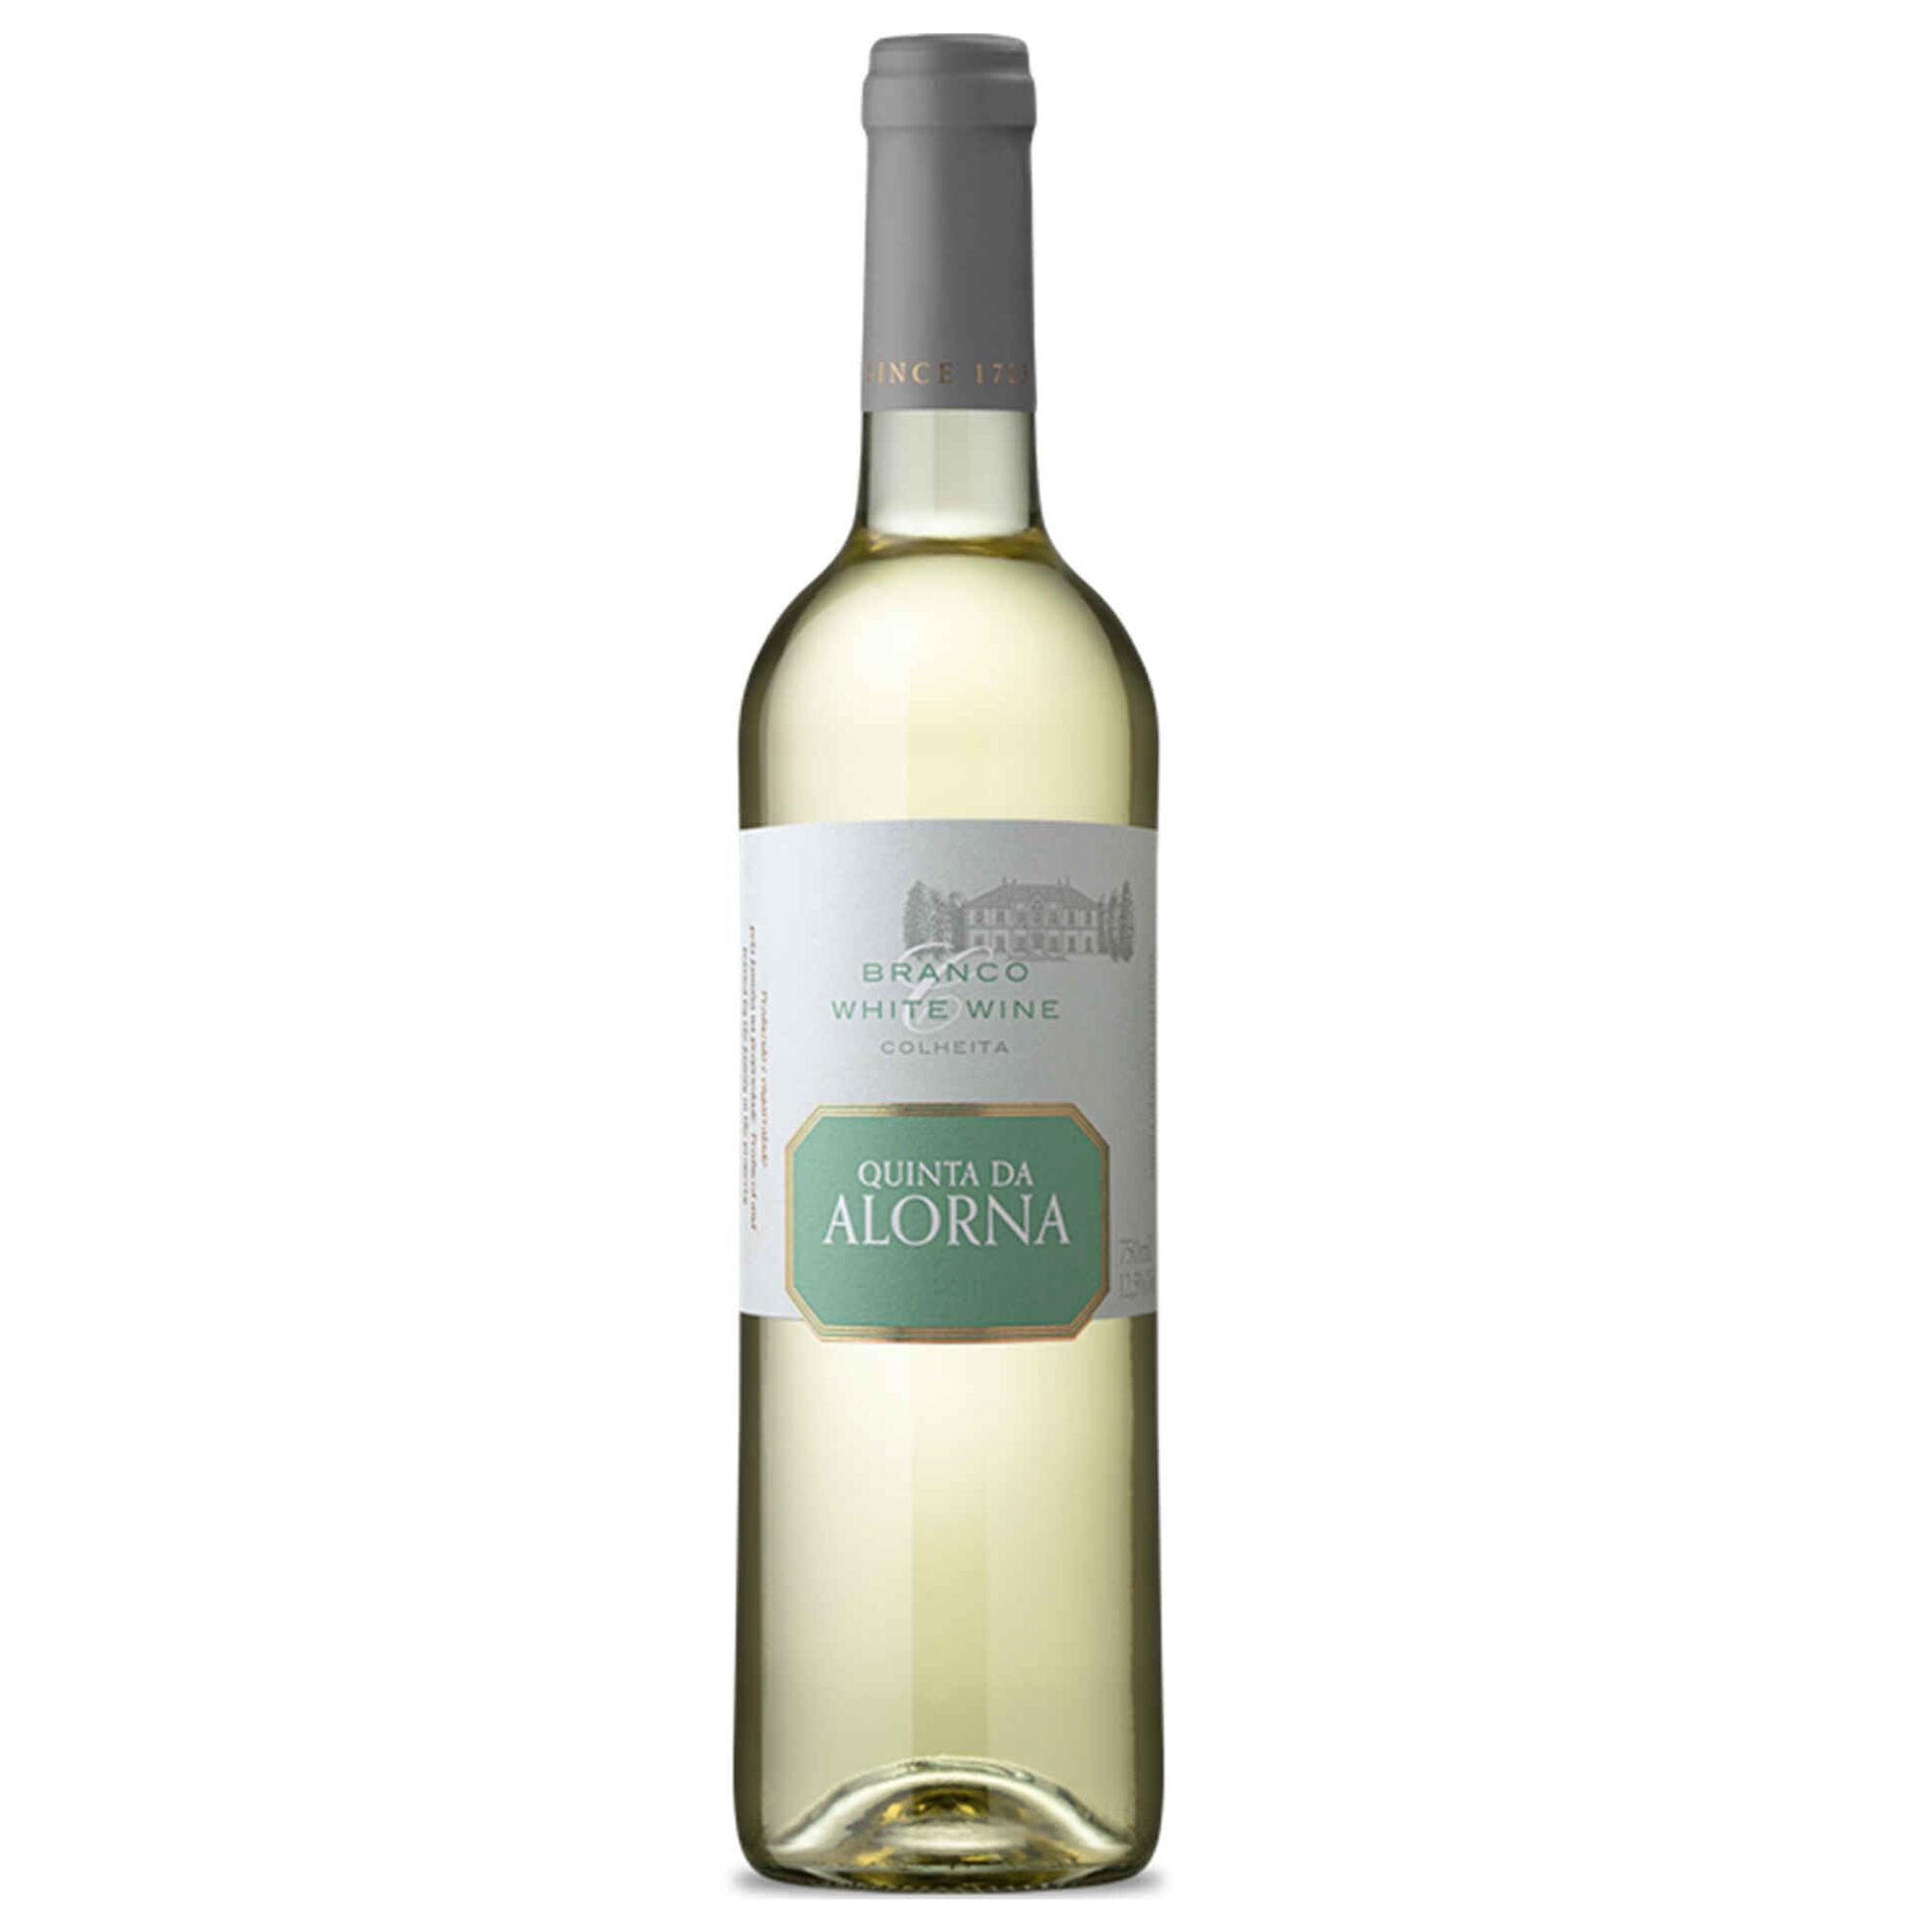 Quinta da Alorna Regional Tejo Vinho Branco